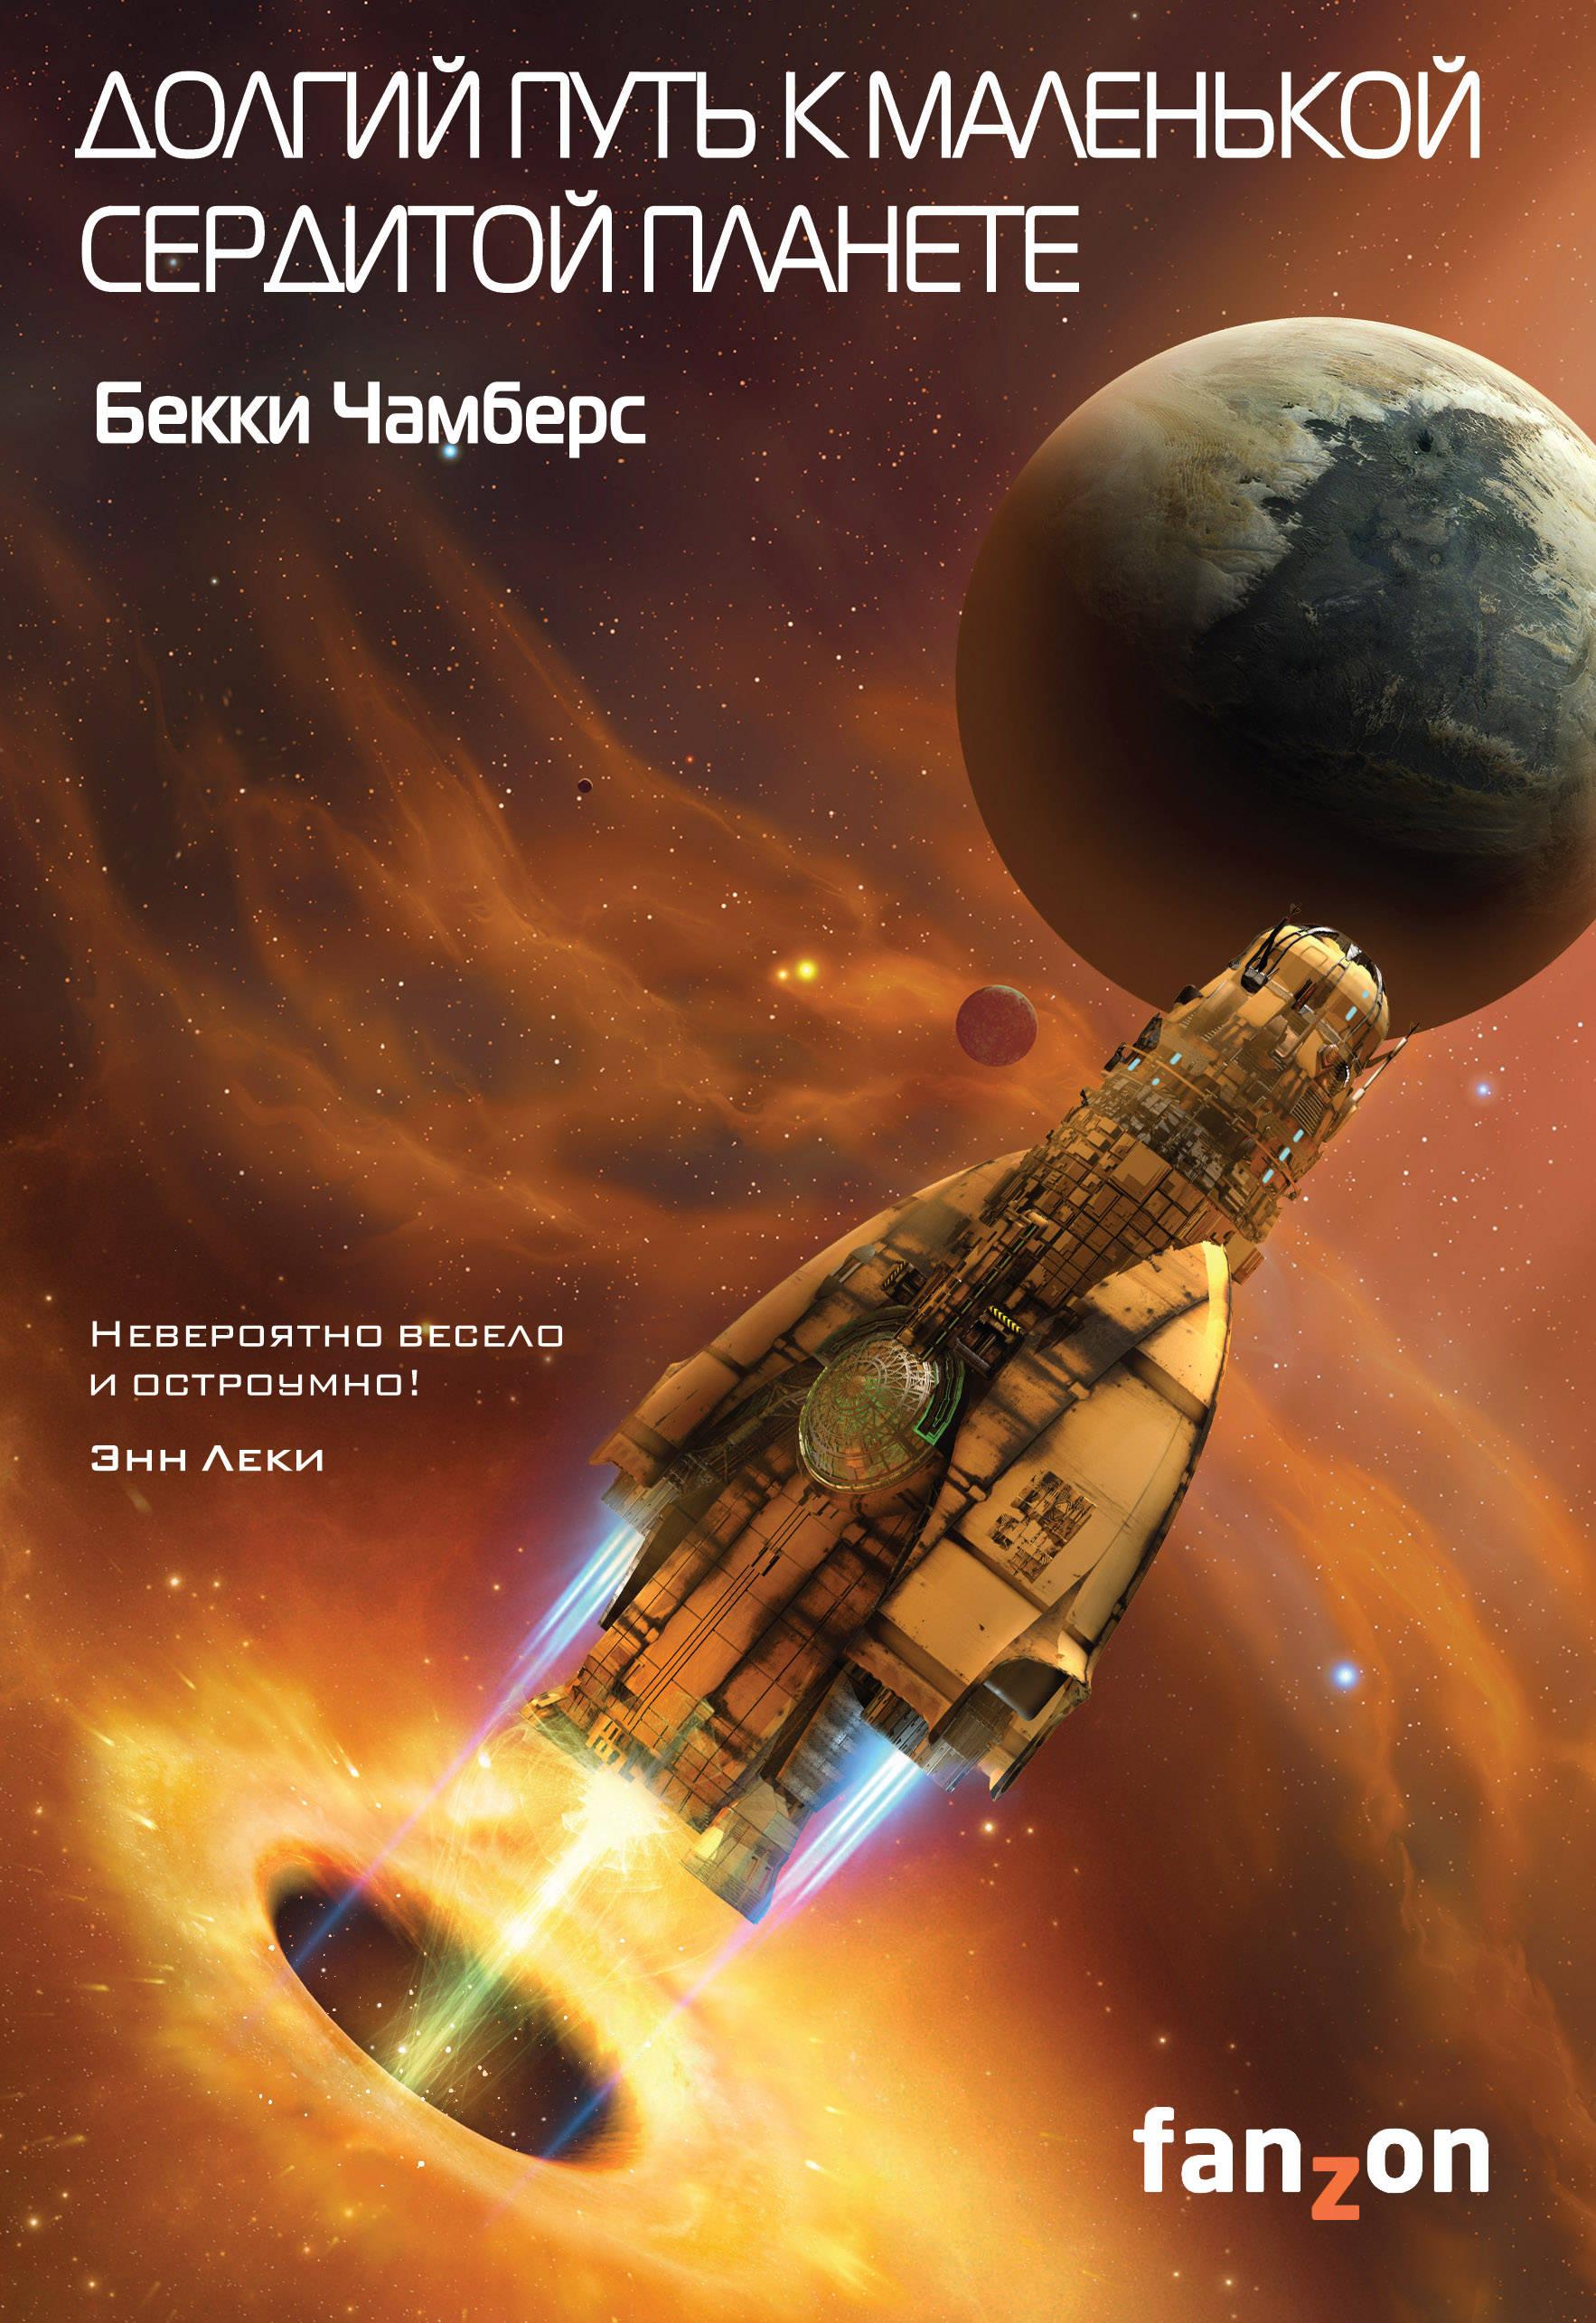 Бекки Чамберс Долгий путь к маленькой сердитой планете книги эксмо долгий путь к маленькой сердитой планете